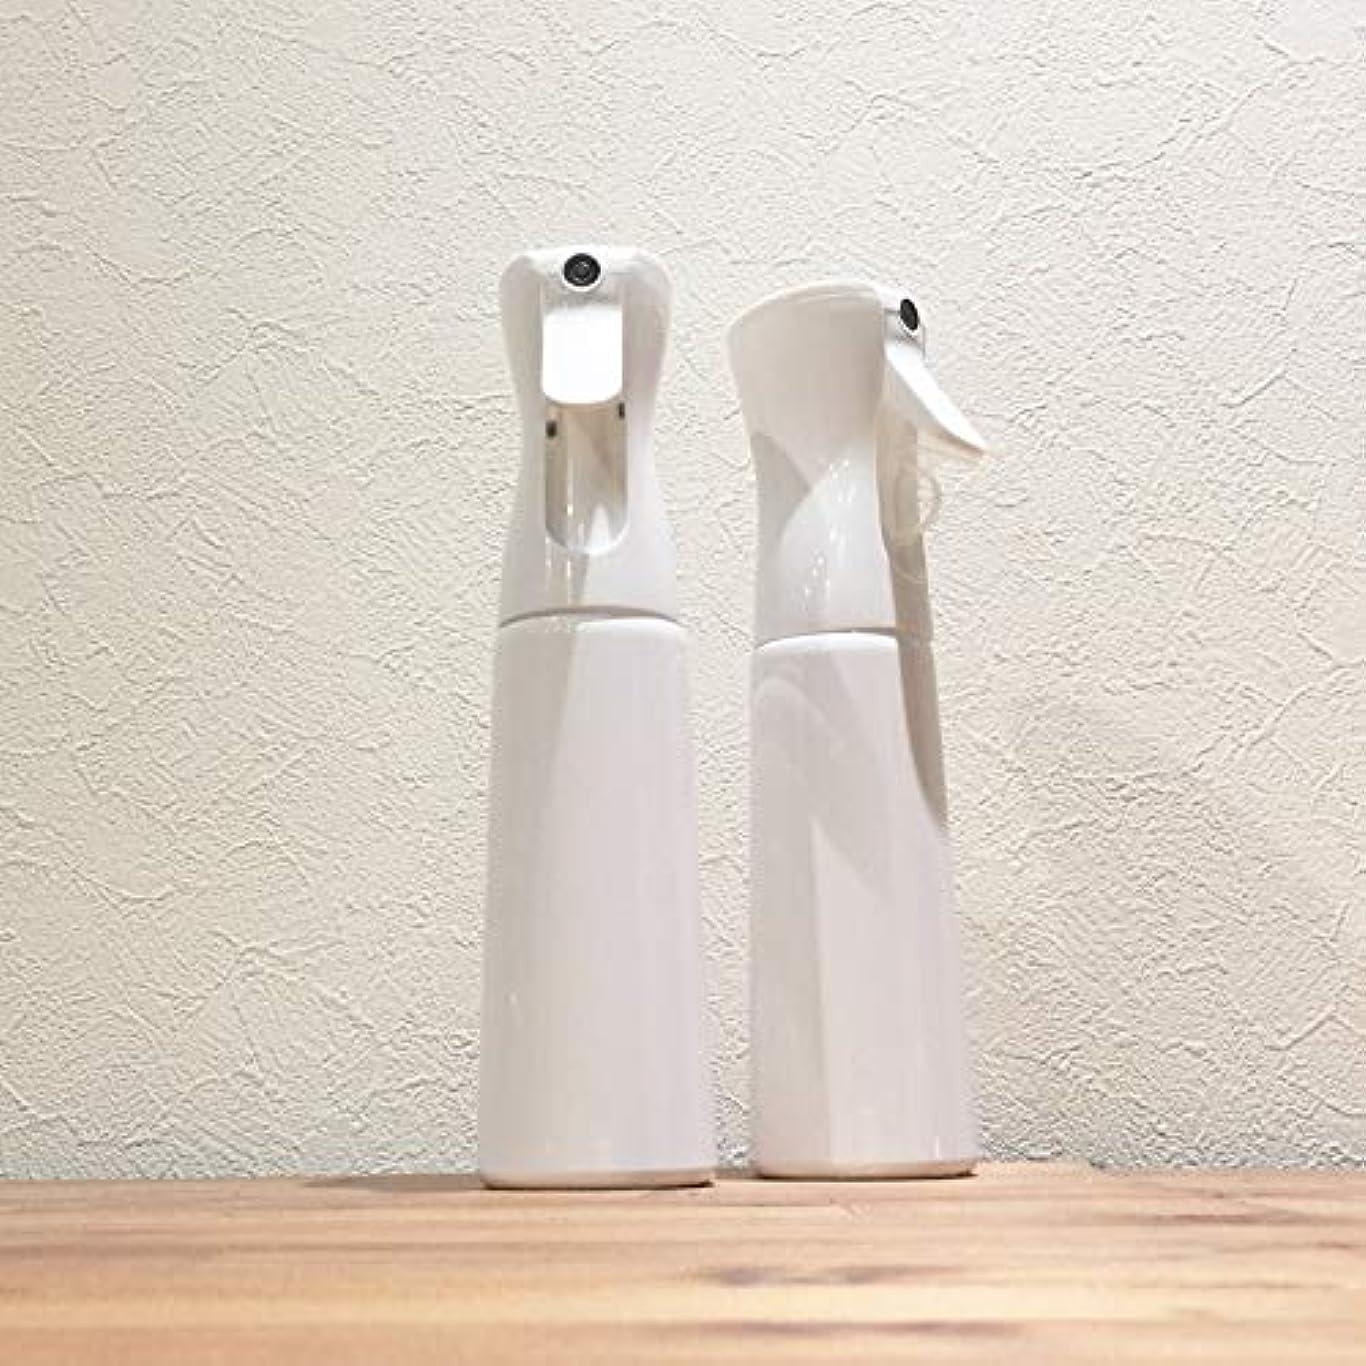 学士バーチャルイースター<2個セット>FLAIROSOL(白×白)タイプ 350ml (350ml 2本セット売り)